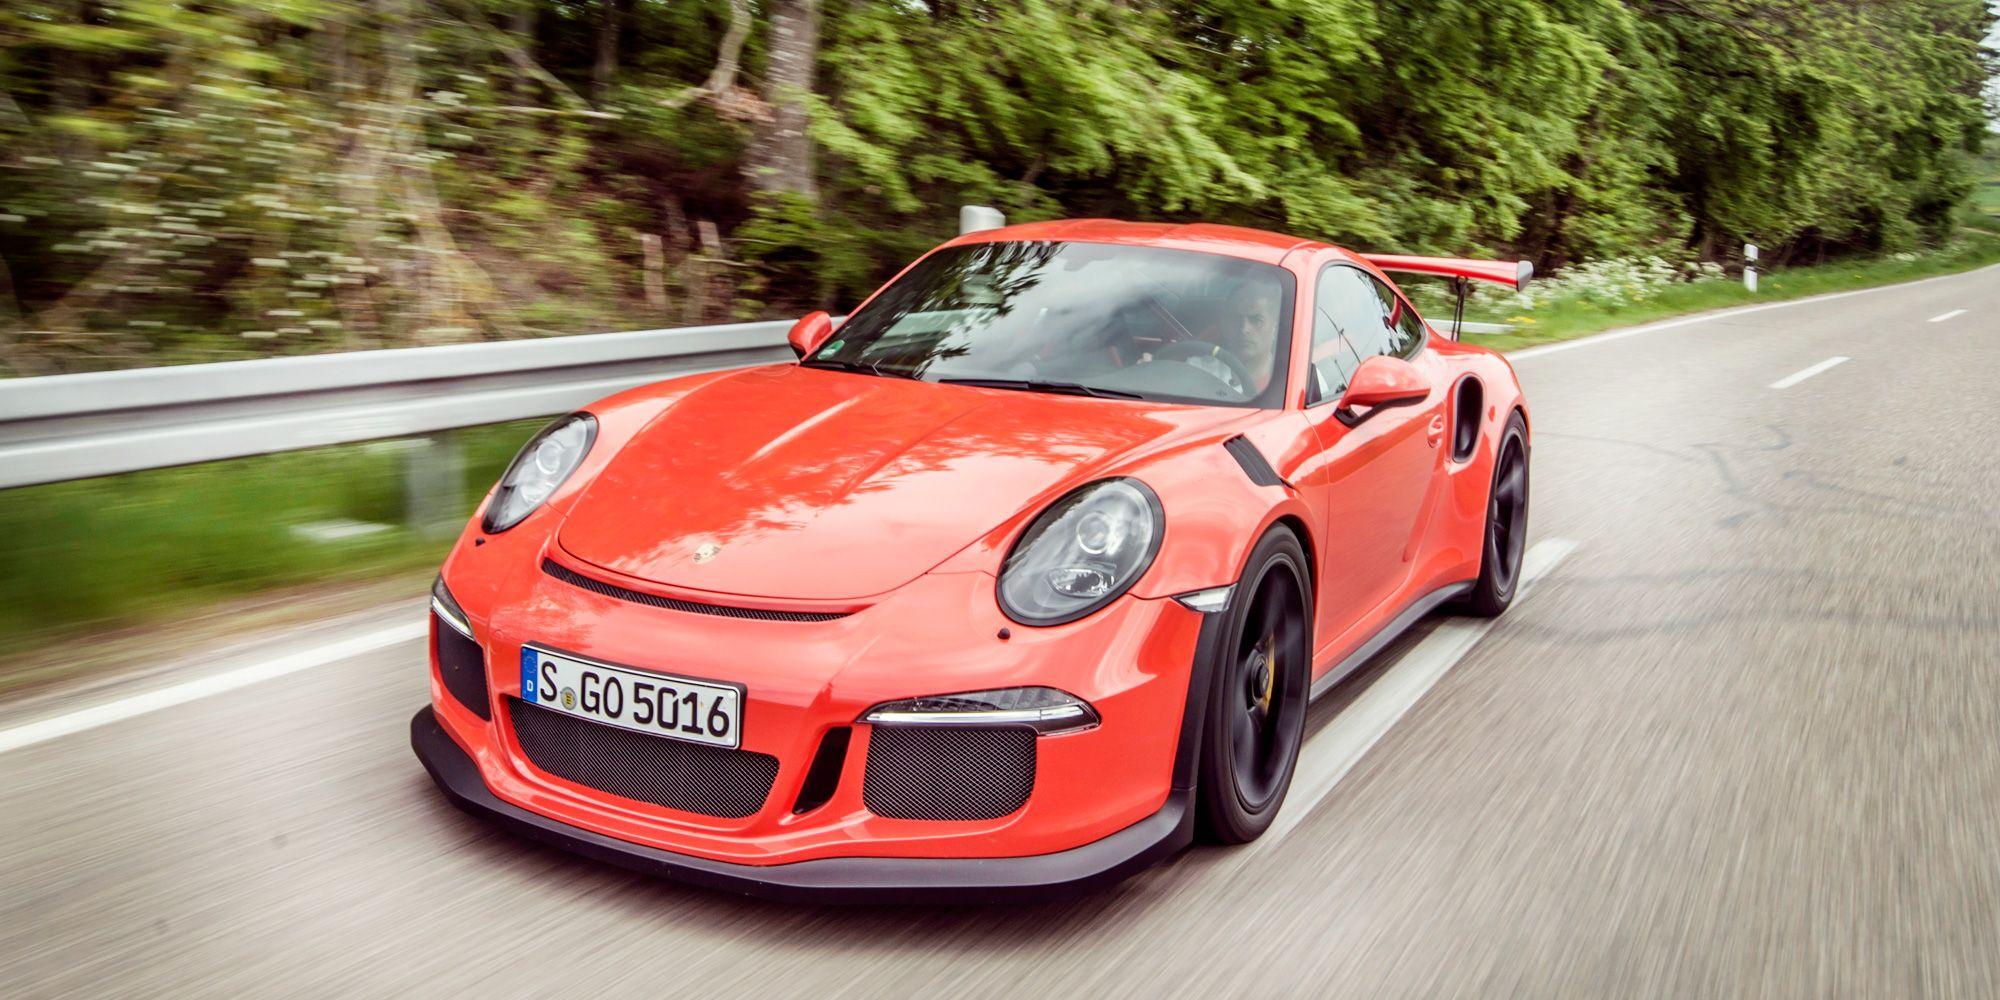 Porsche 911 gt3 rs review 2017 autocar - Porsche 911 Gt3 Rs Review 2017 Autocar 73